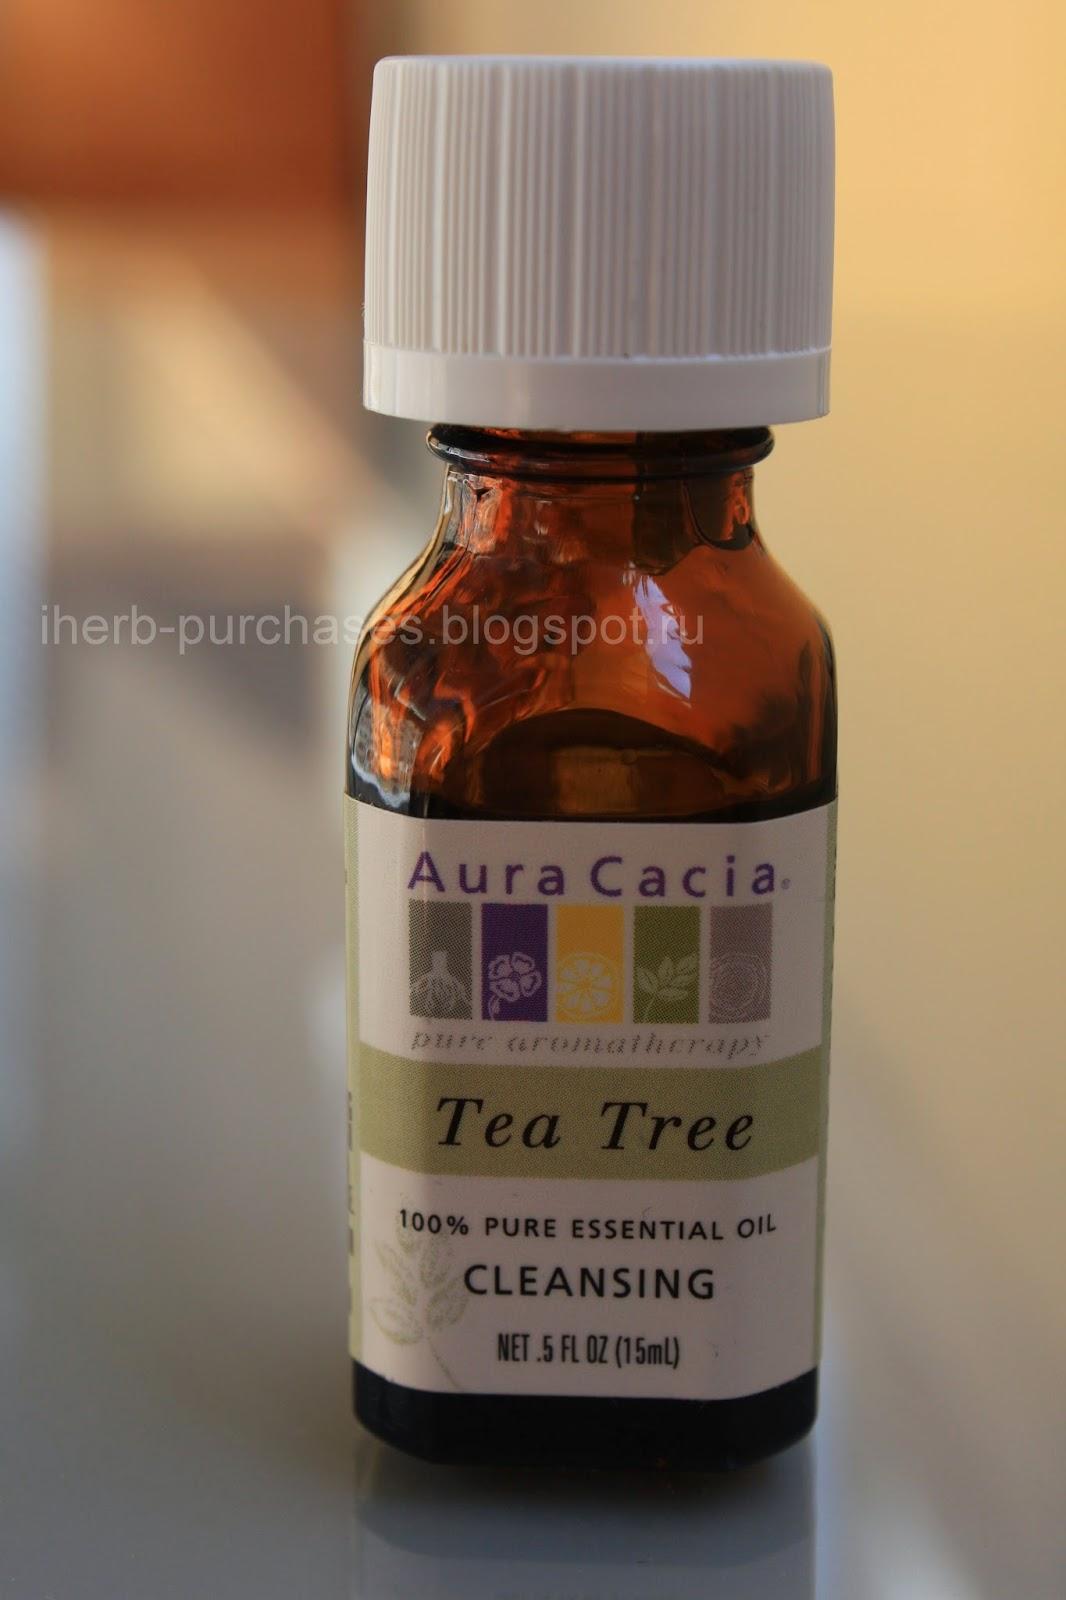 эфирное масло, чайное дерево, акне, прыщи, лечение, отзыв, iherb